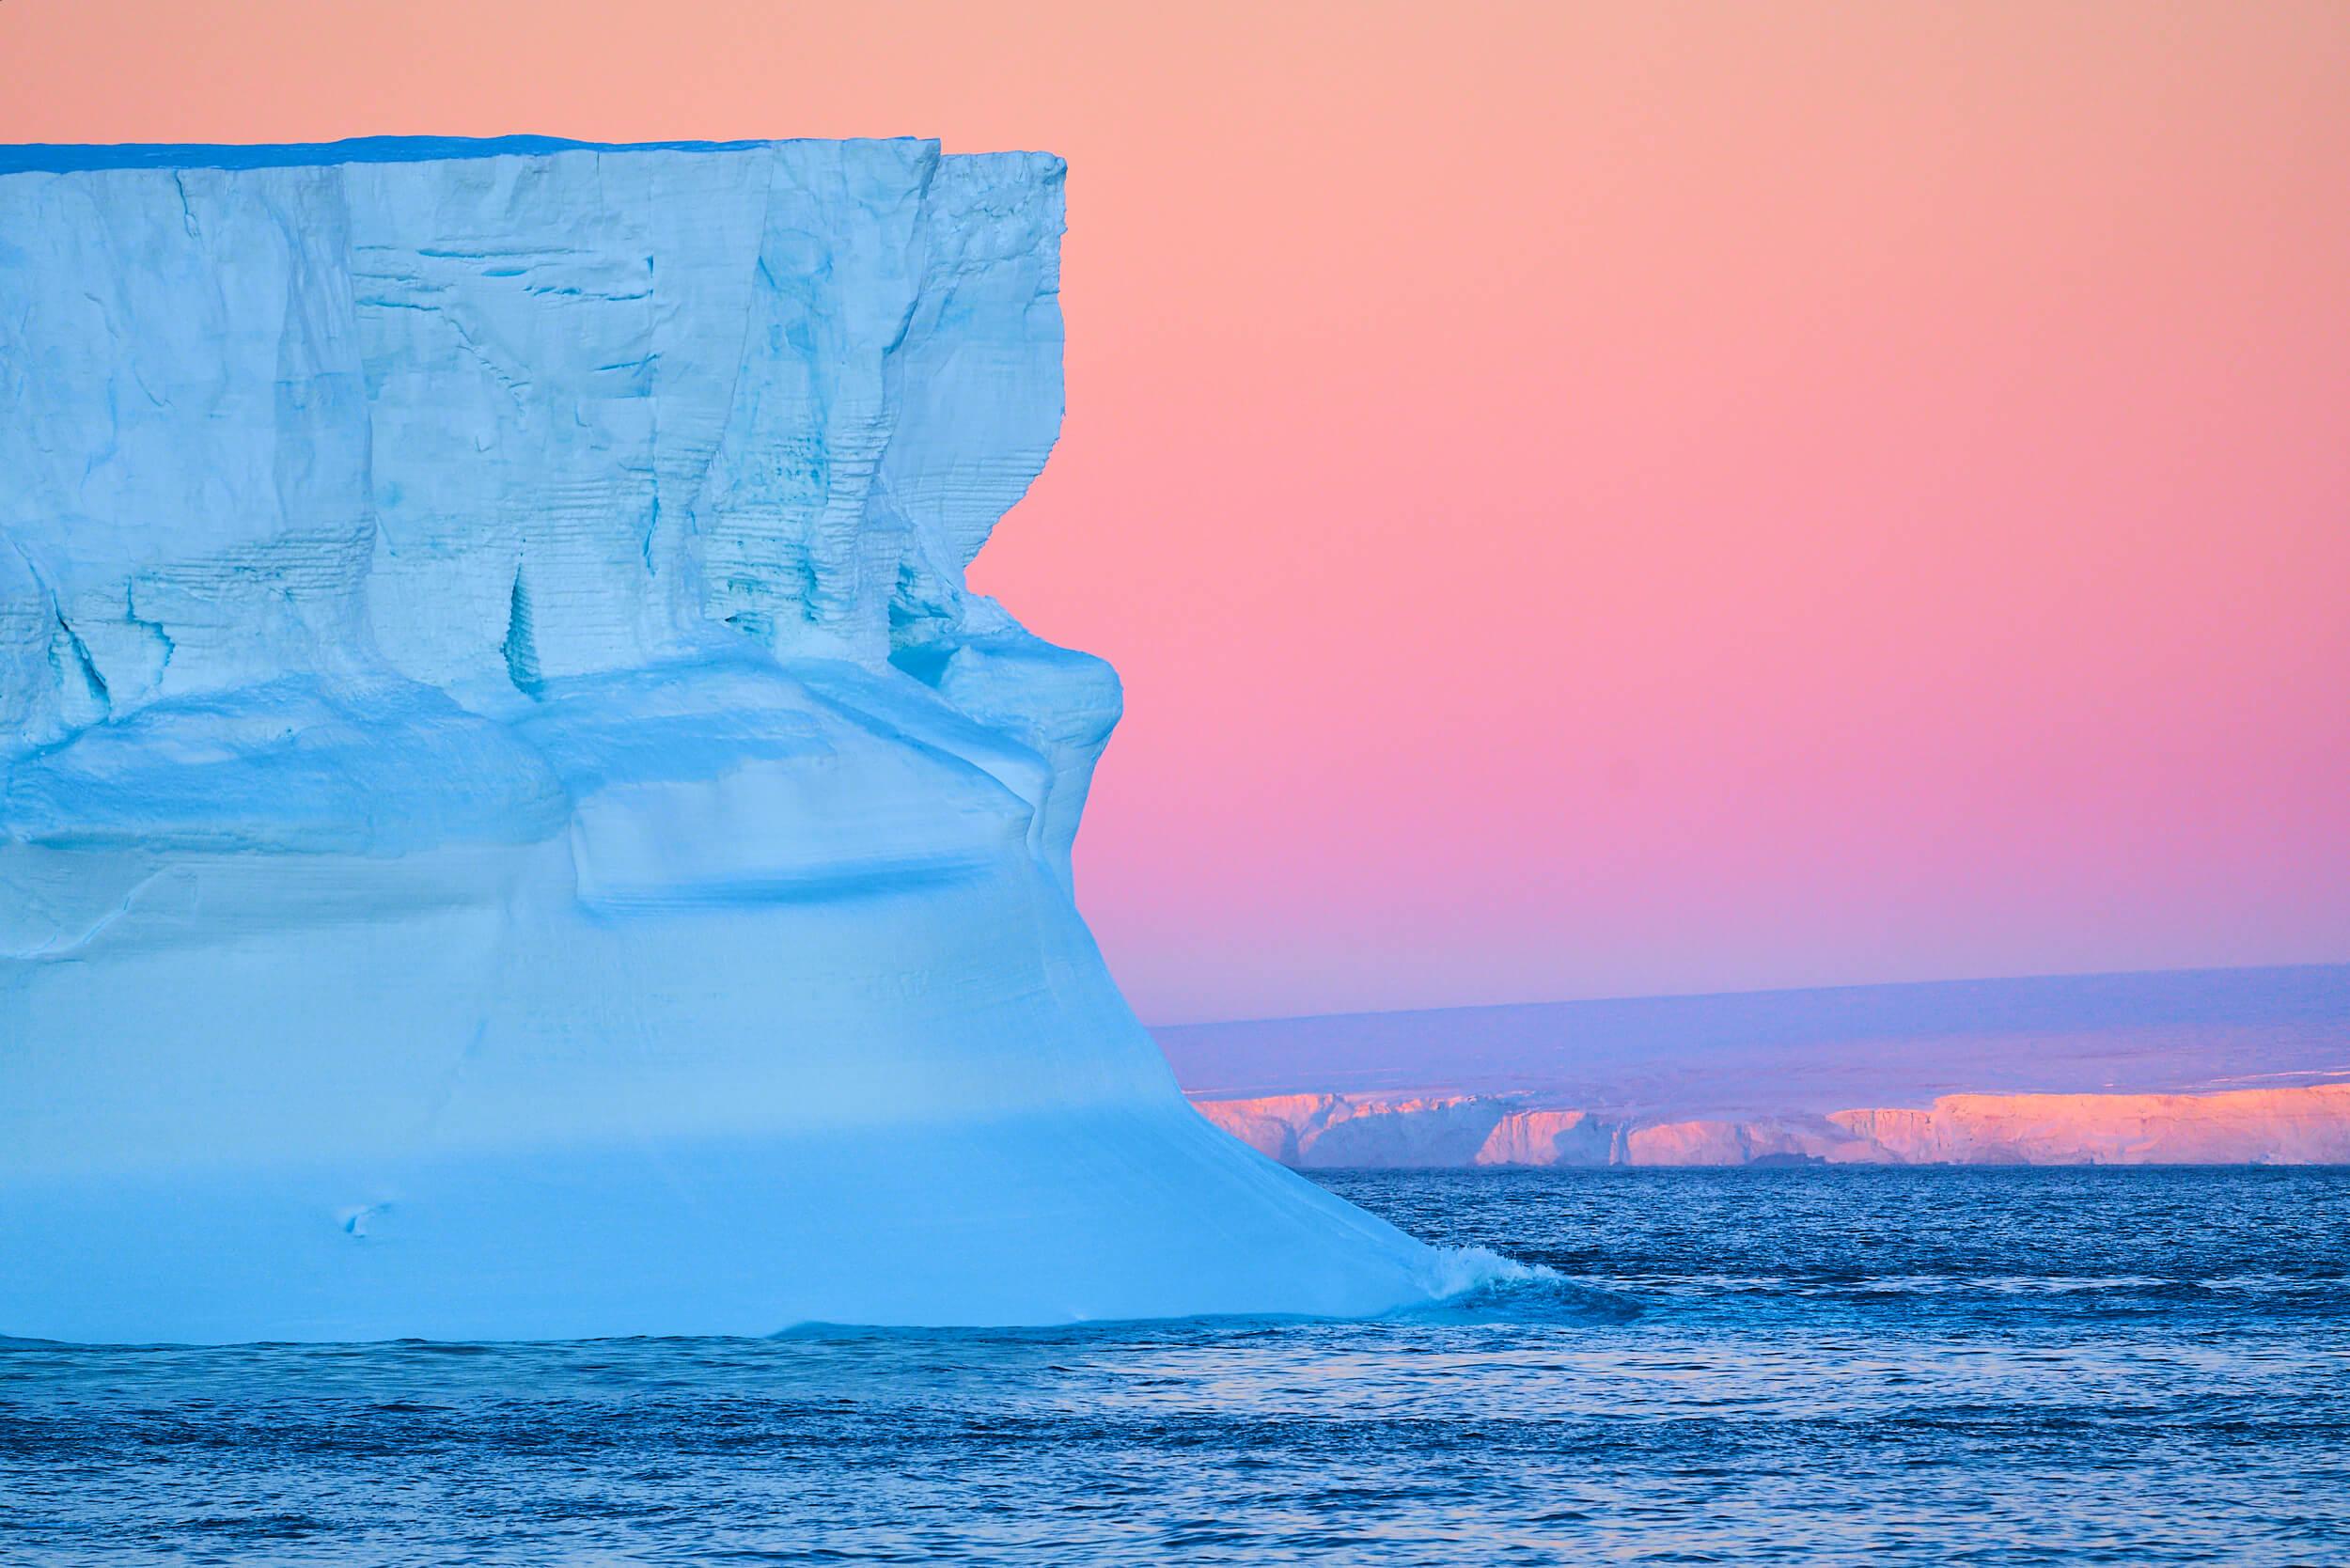 costudio-antarctica-2018-01559.jpg